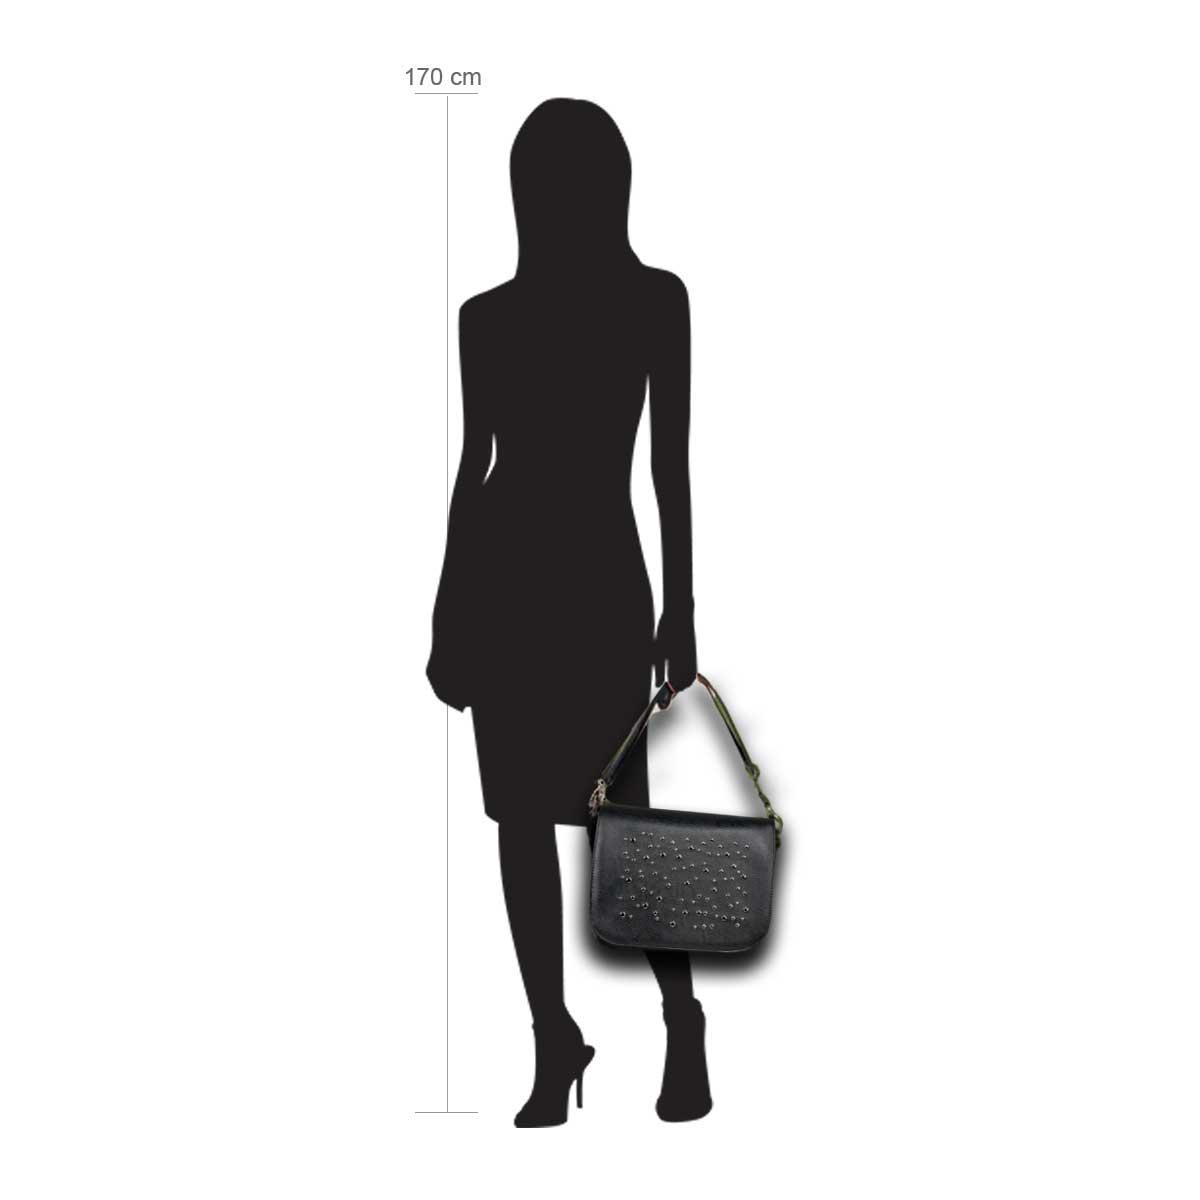 Modellpuppe 170 cm groß zeigt die Handtaschengröße an der Person Modell:Garachico